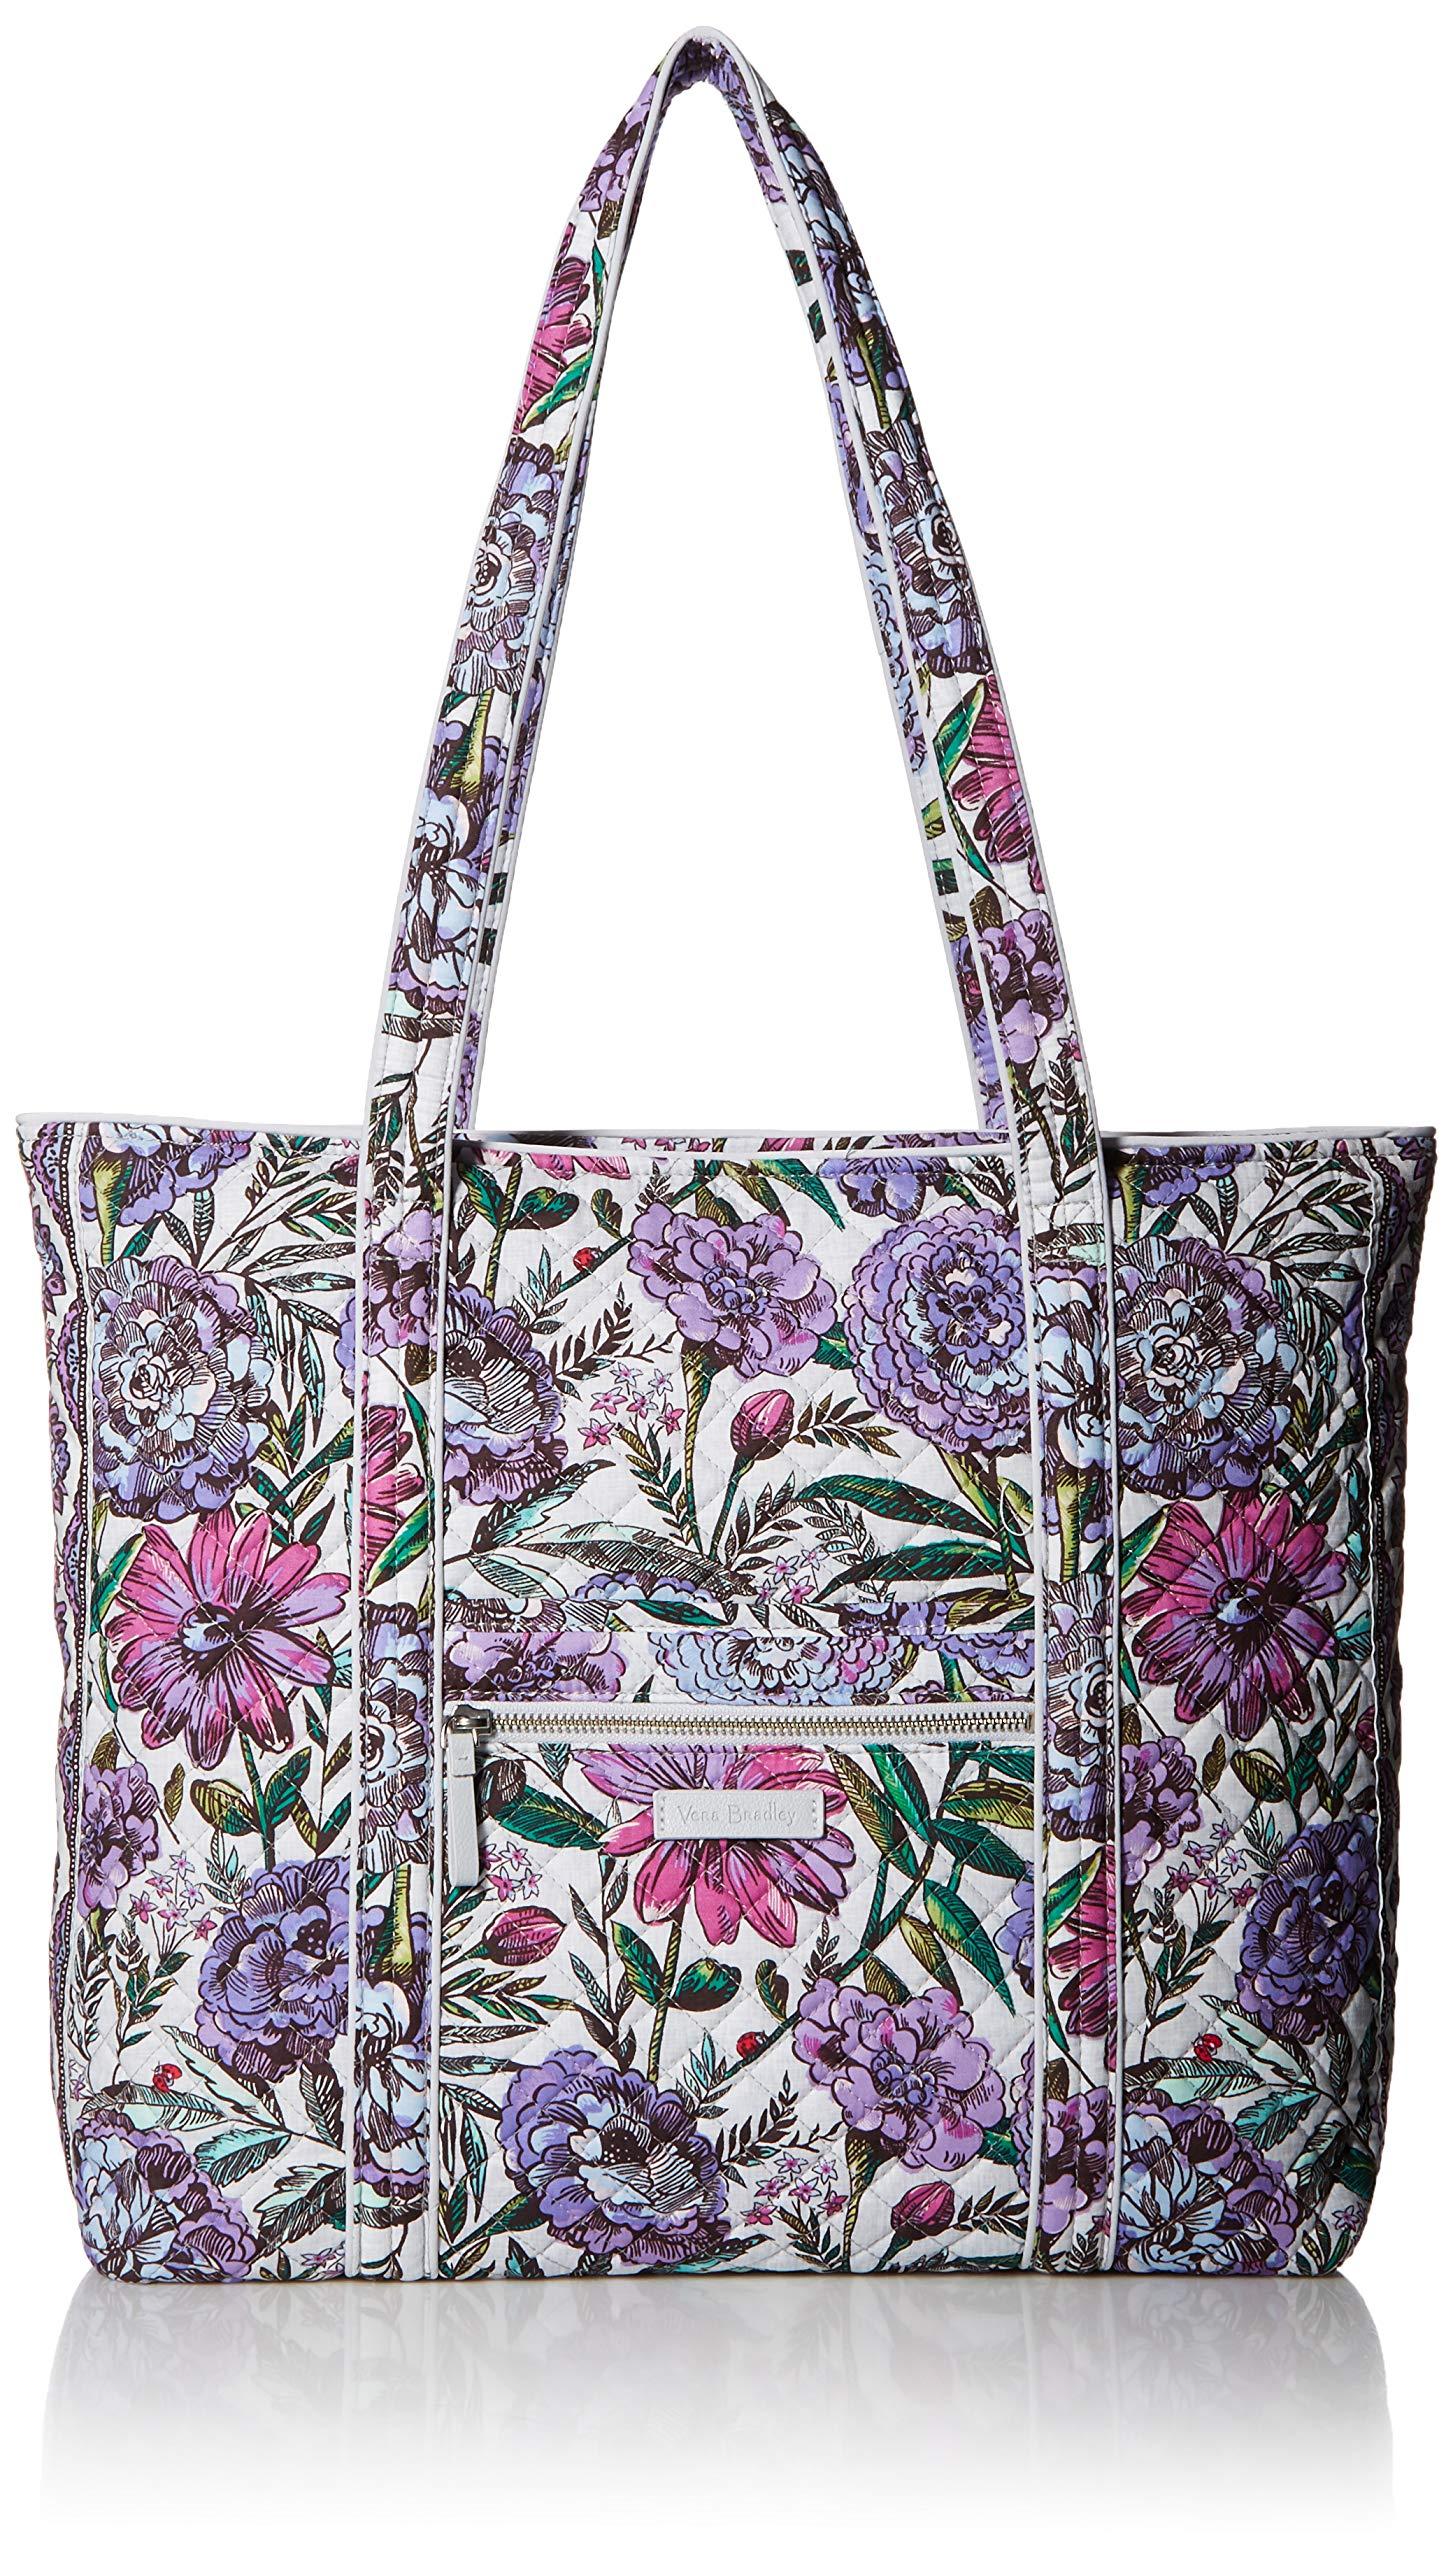 Vera Bradley Iconic Vera Tote, Signature Cotton, Lavender Meadow